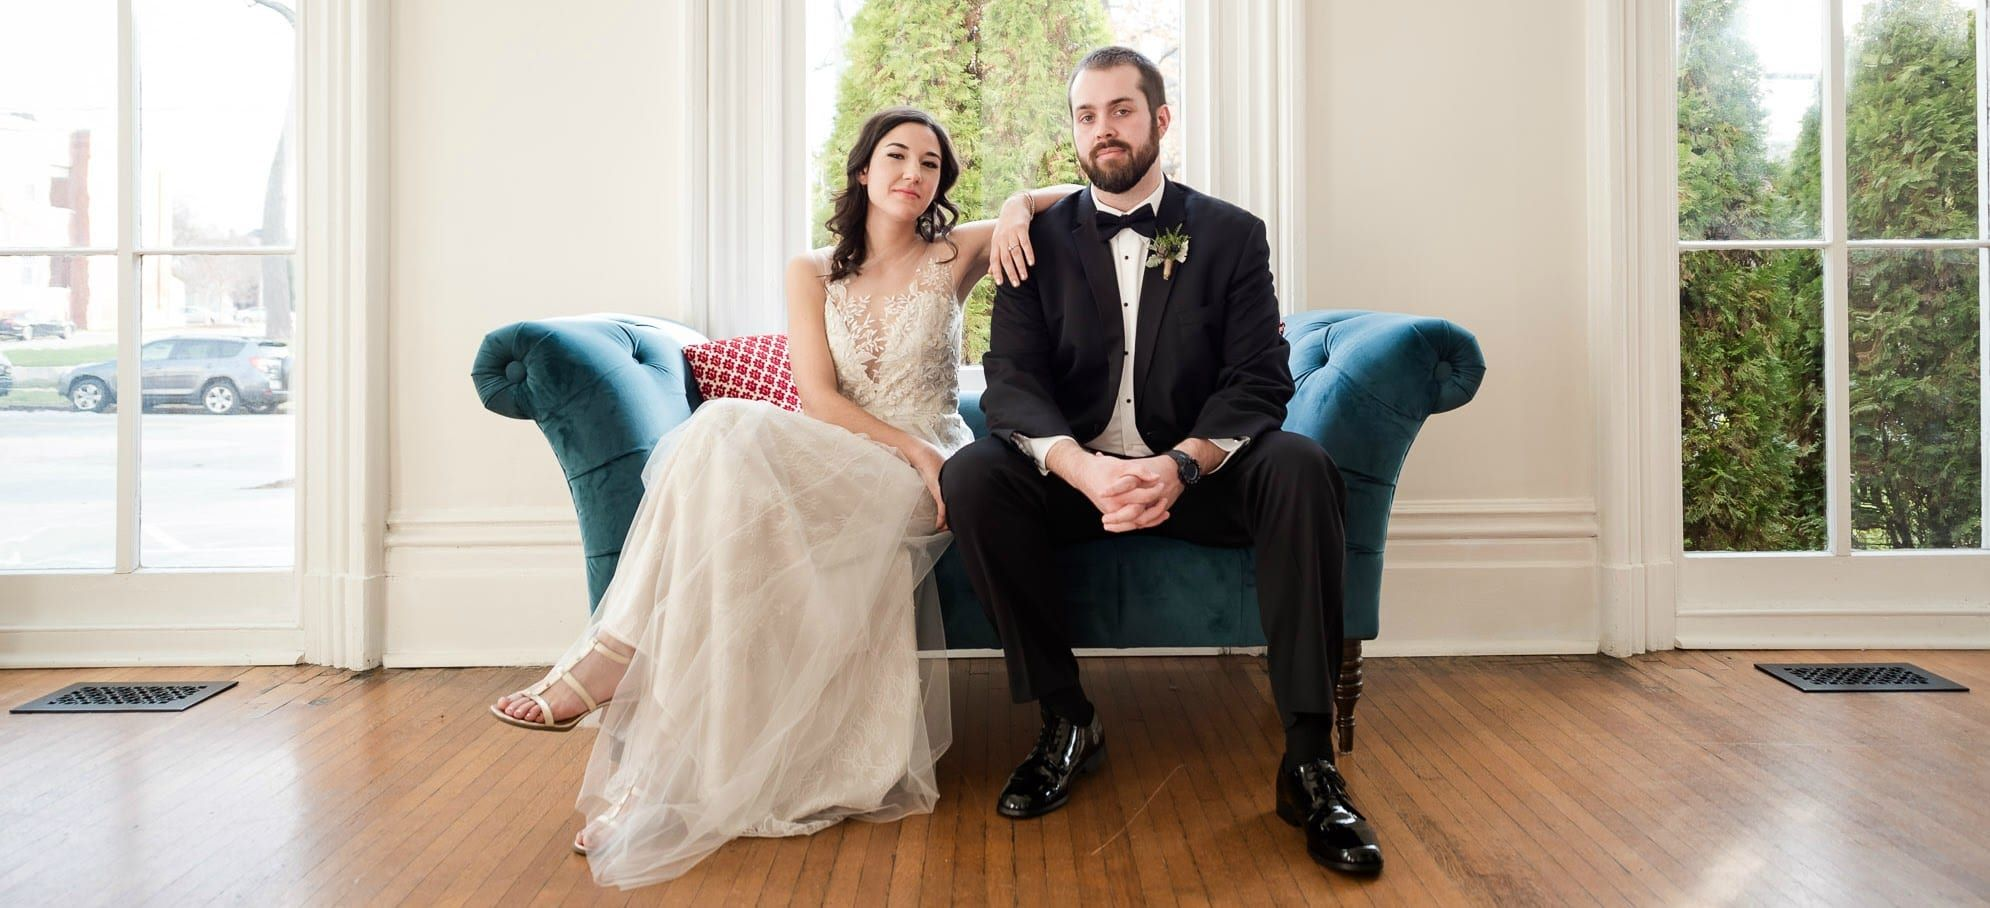 Kathleen and Matt